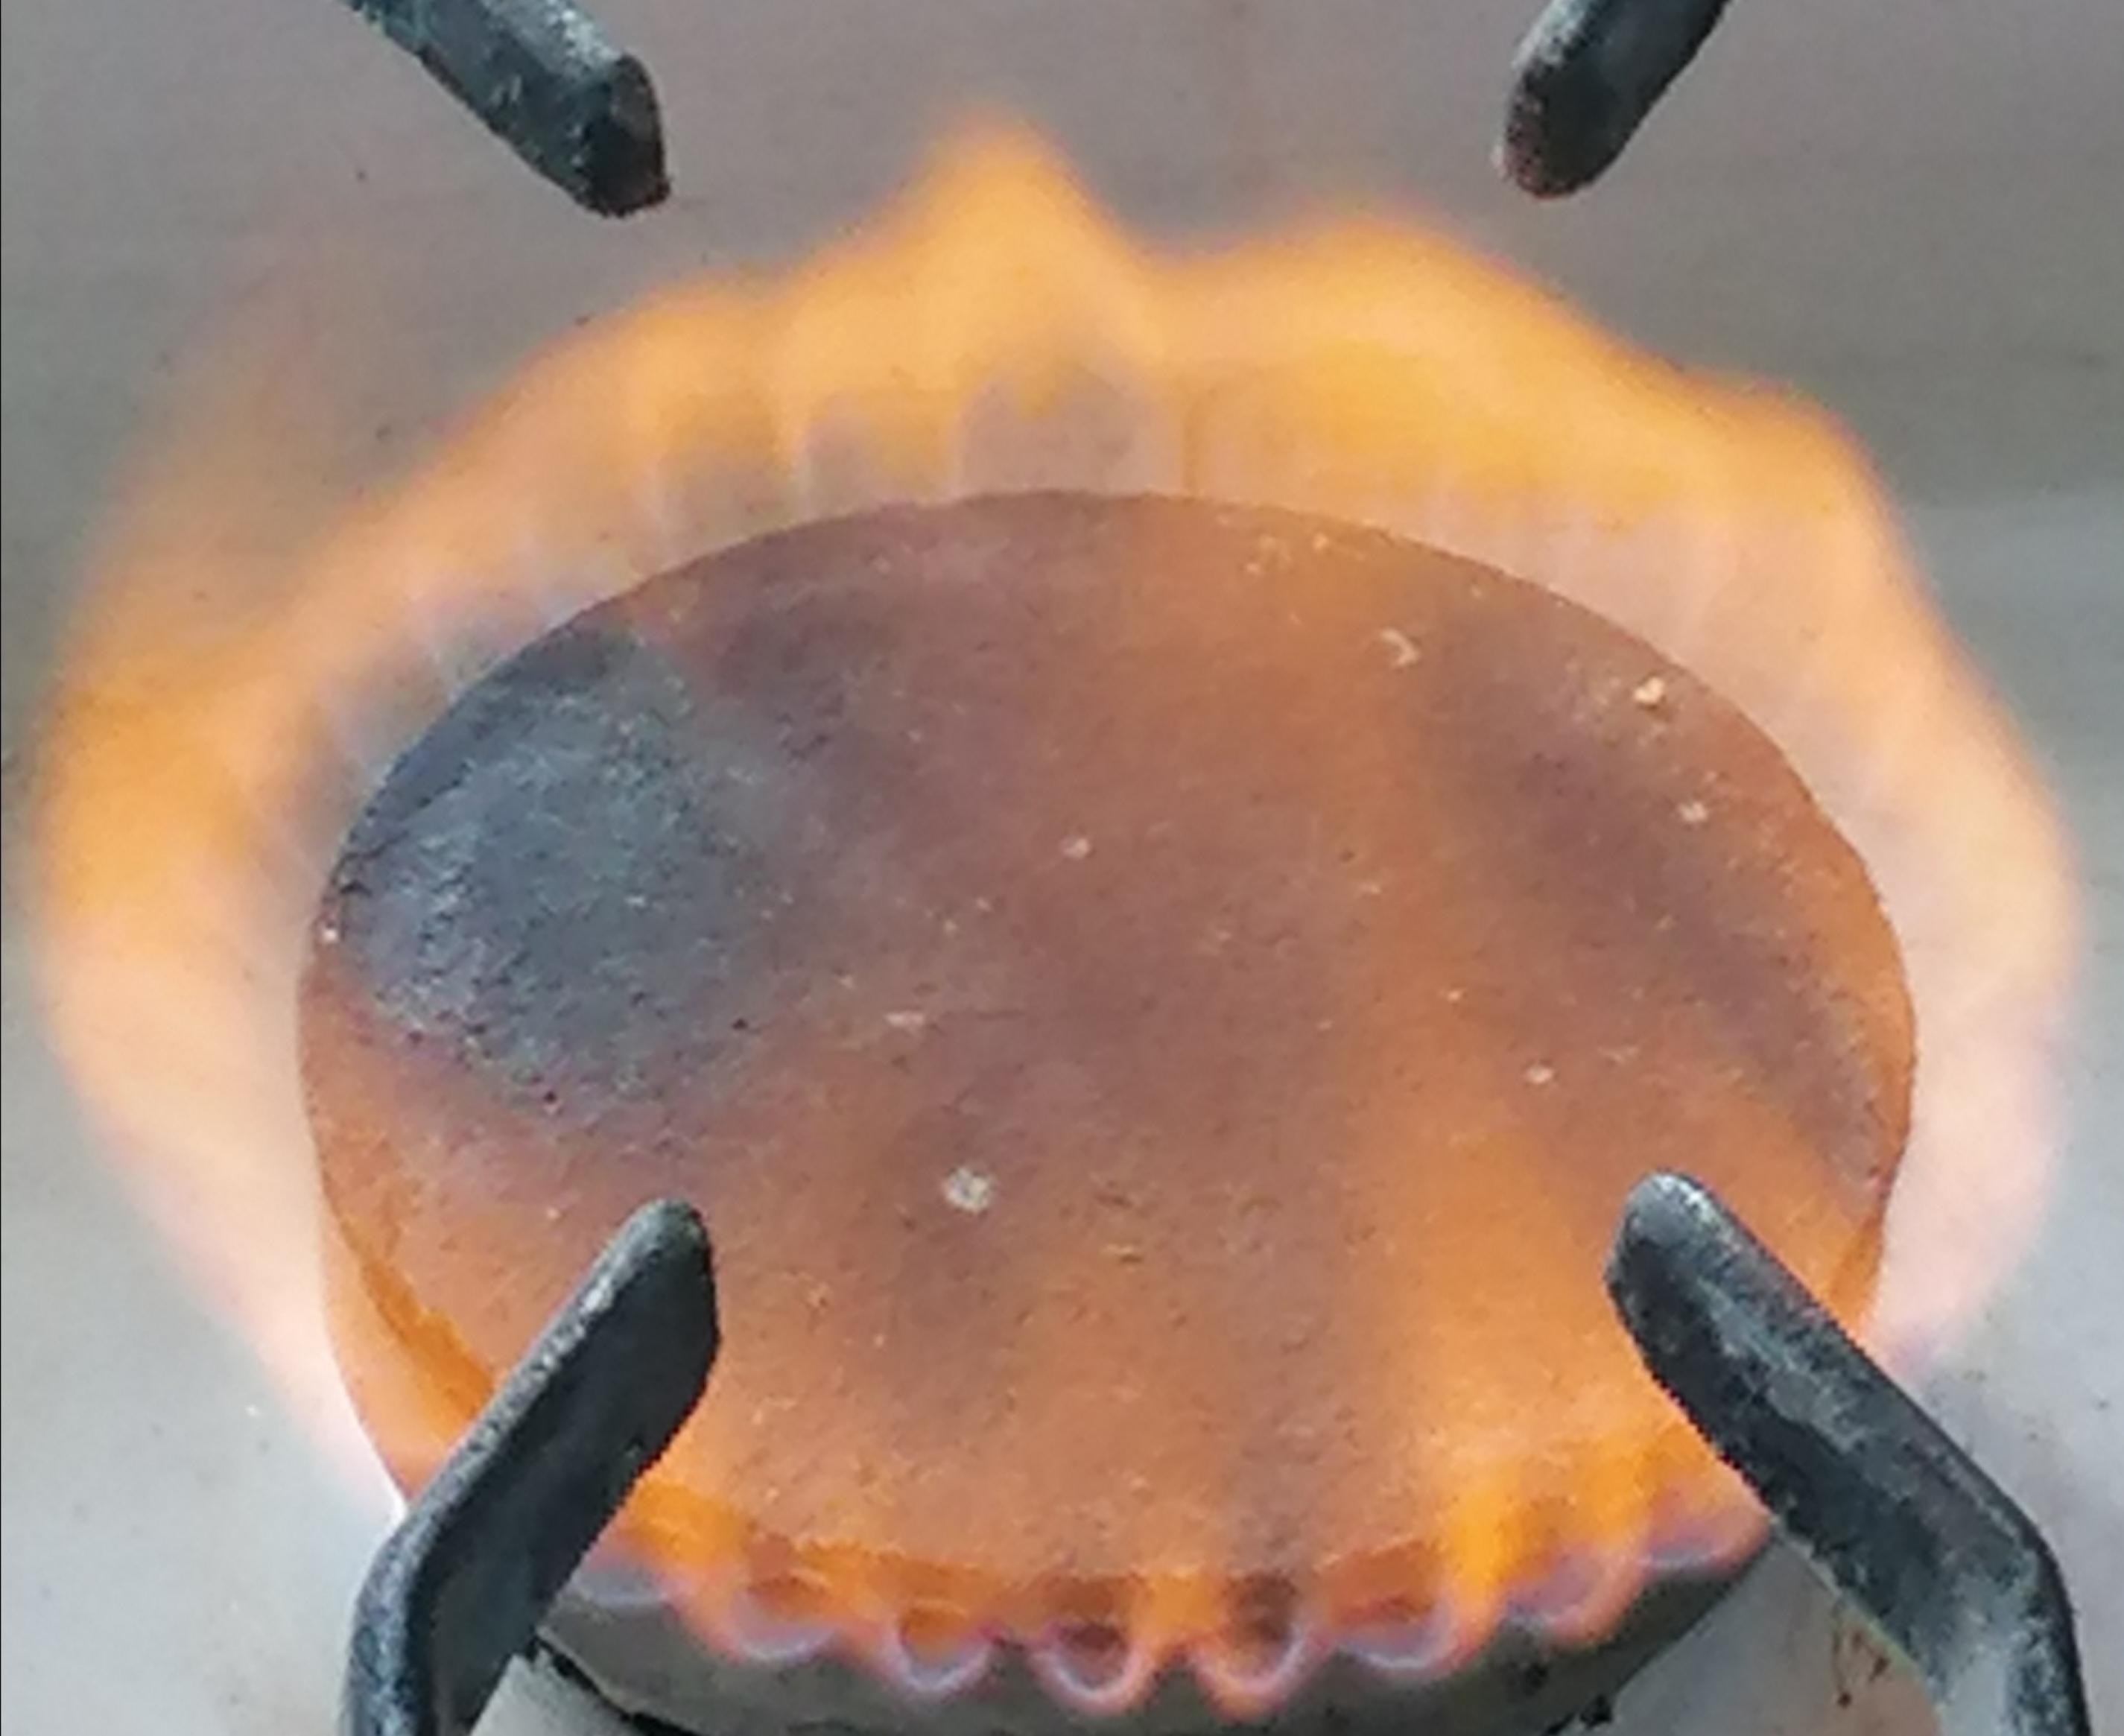 Газовая плита дает оранжевое пламя – не отравитесь угарным газом!